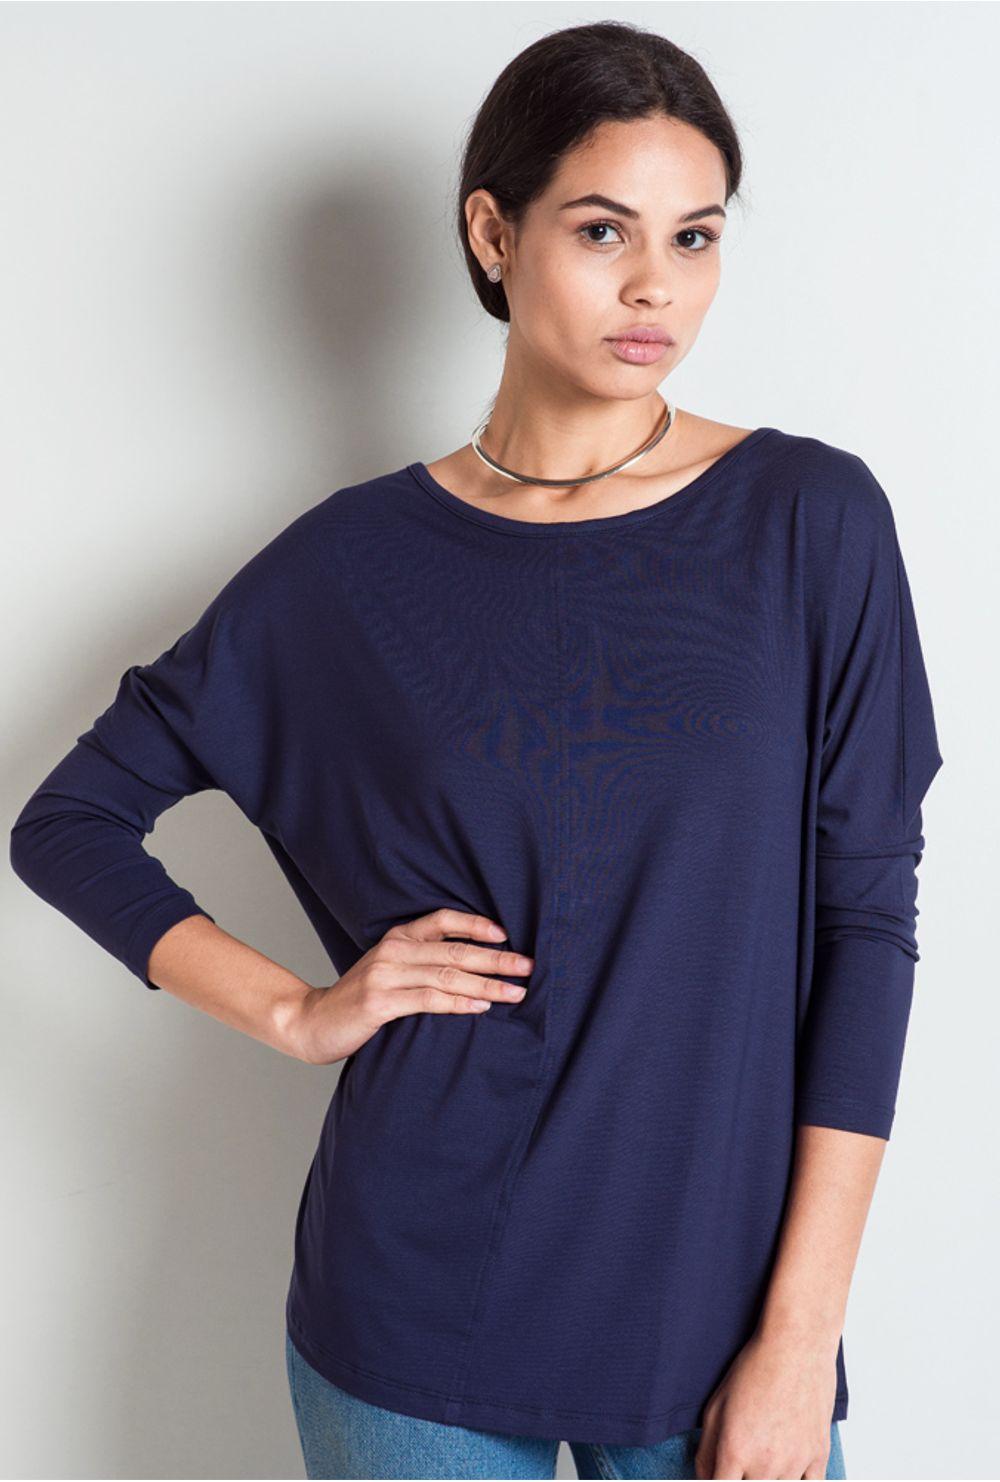 1ff7dadc2 Blusa Básica Feminina Hungria Azul Marinho